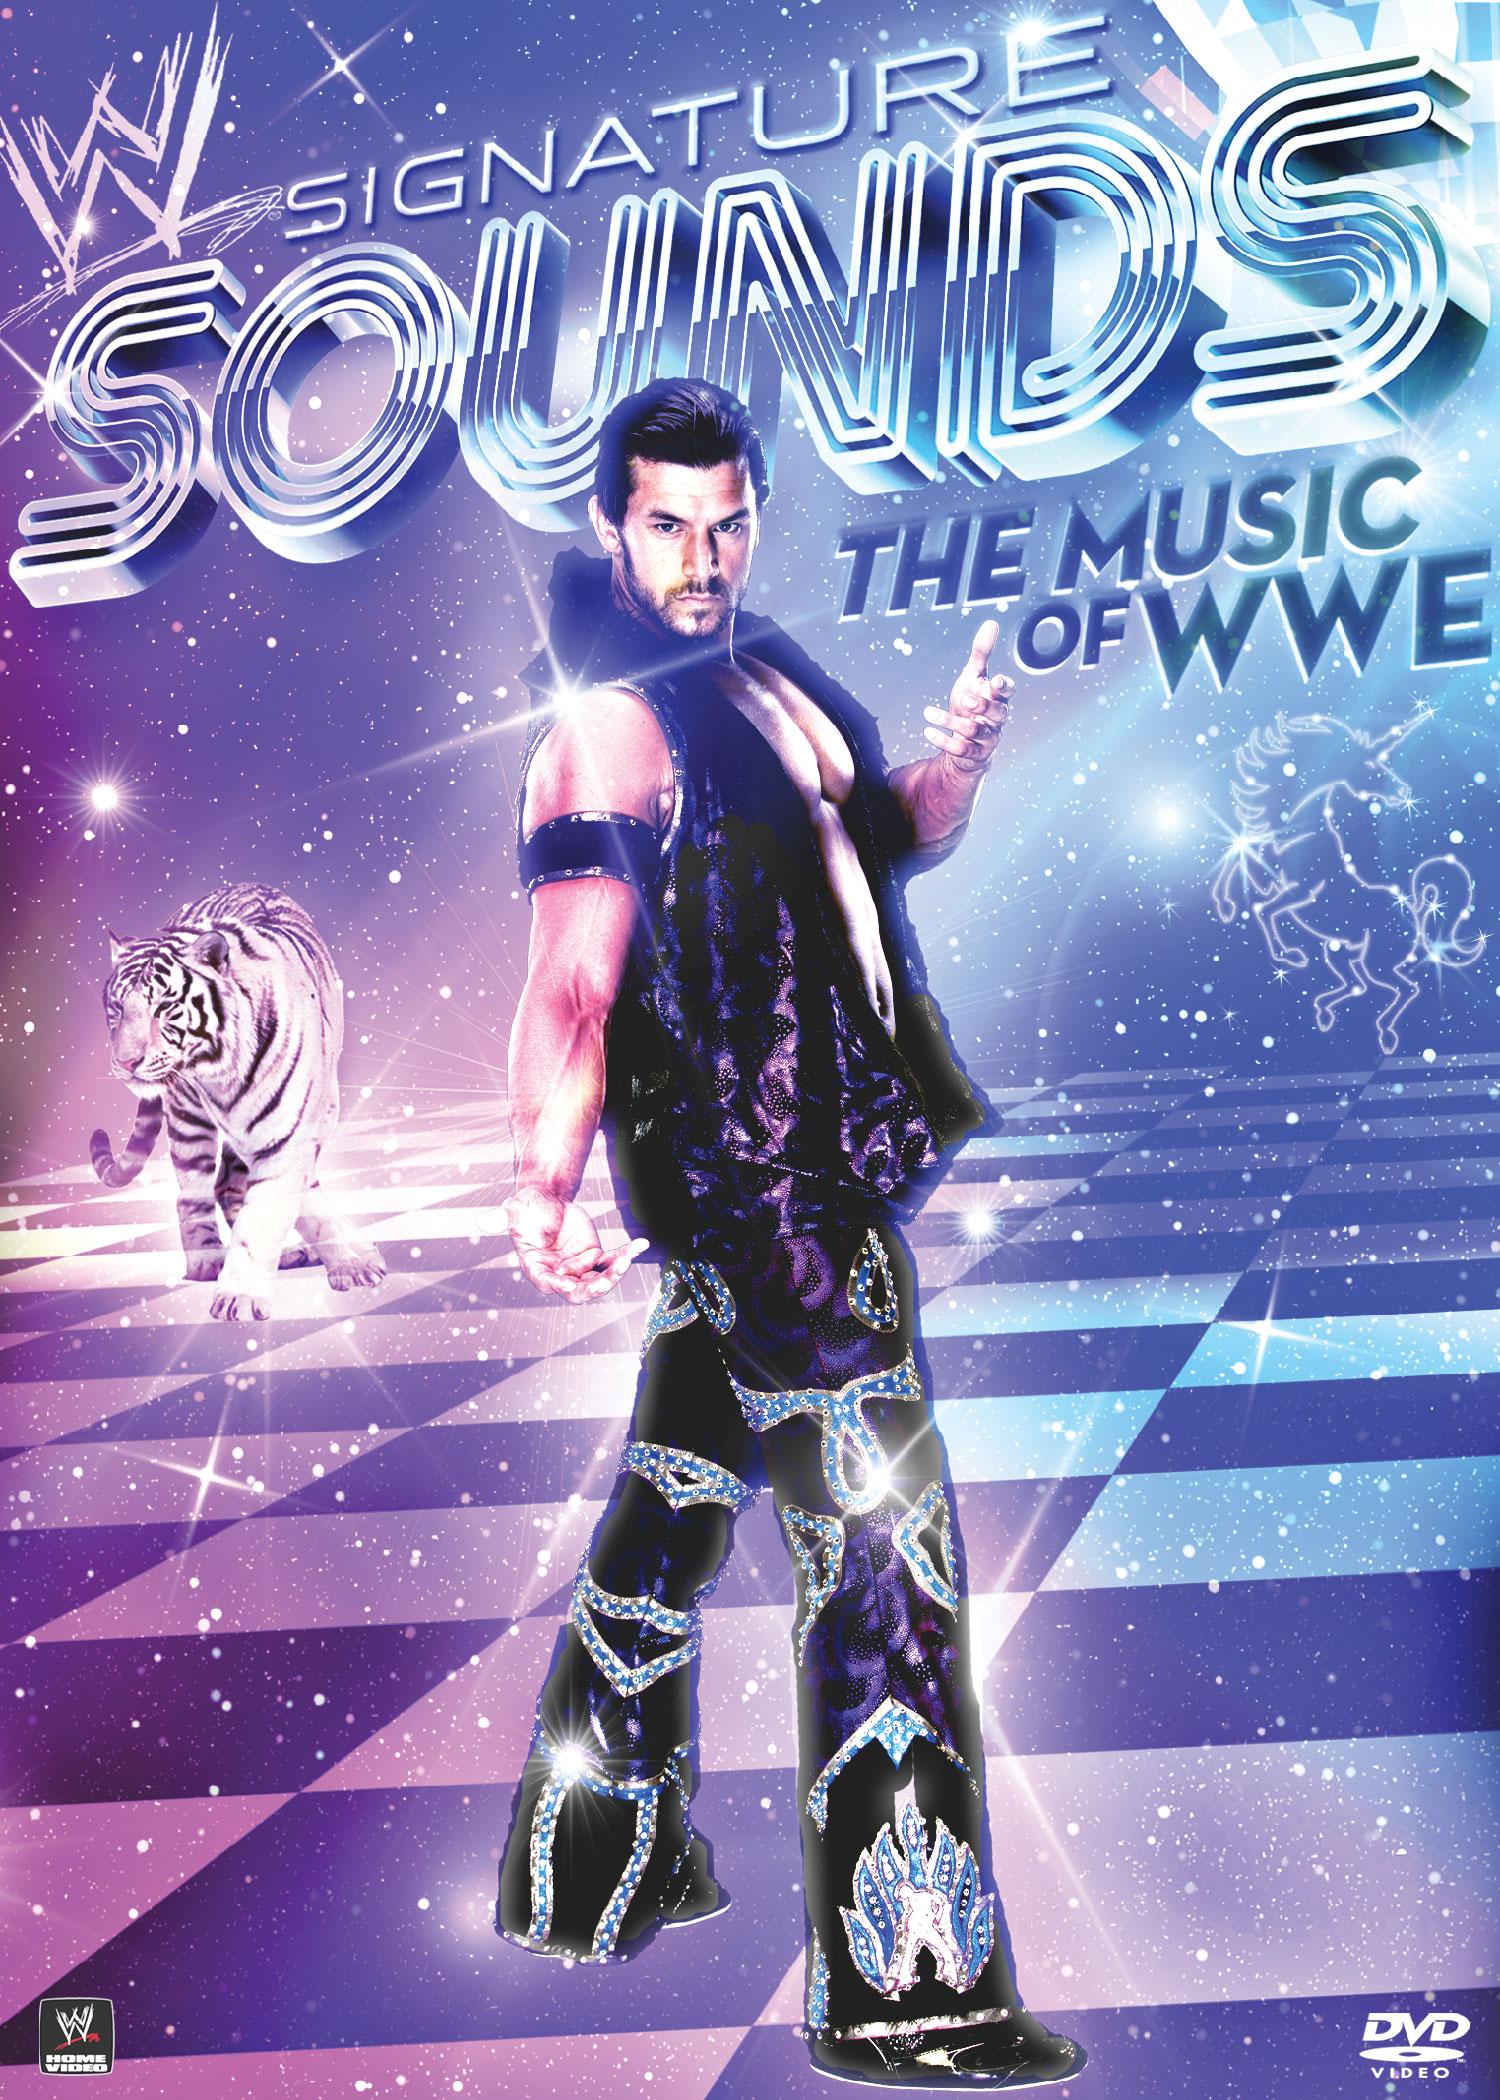 WWE: The Music of WWE